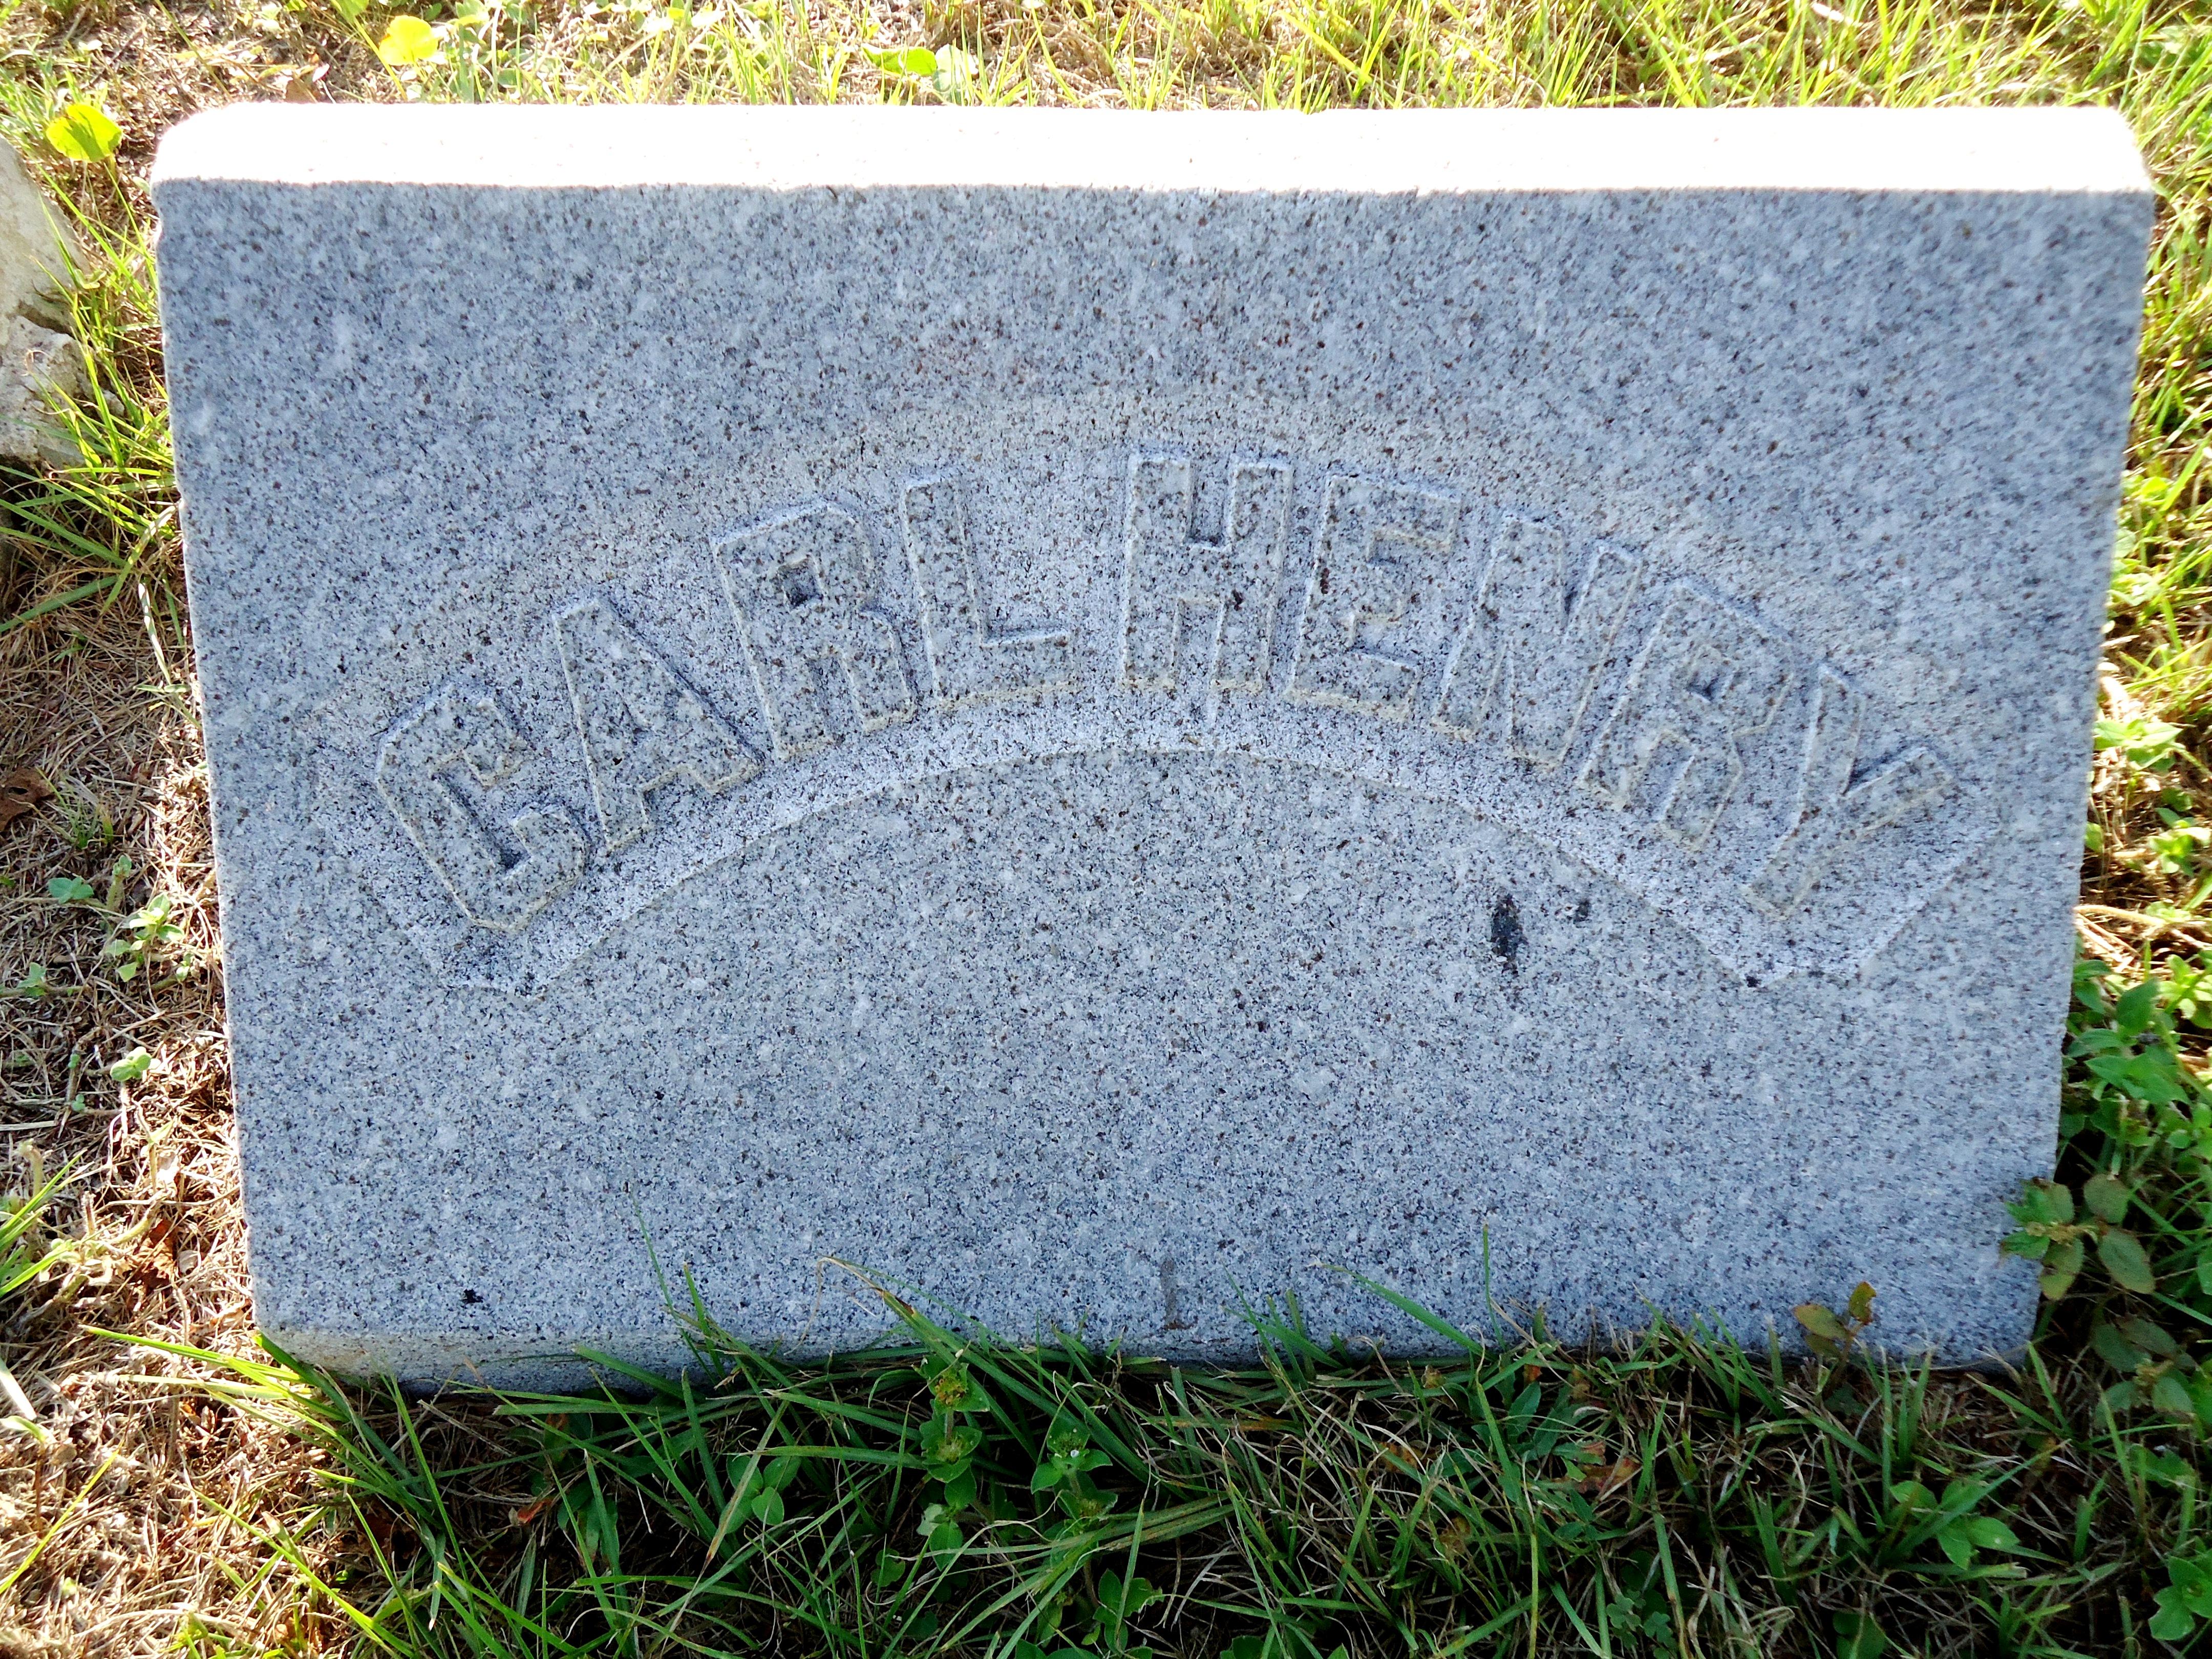 Carl Henry Baars